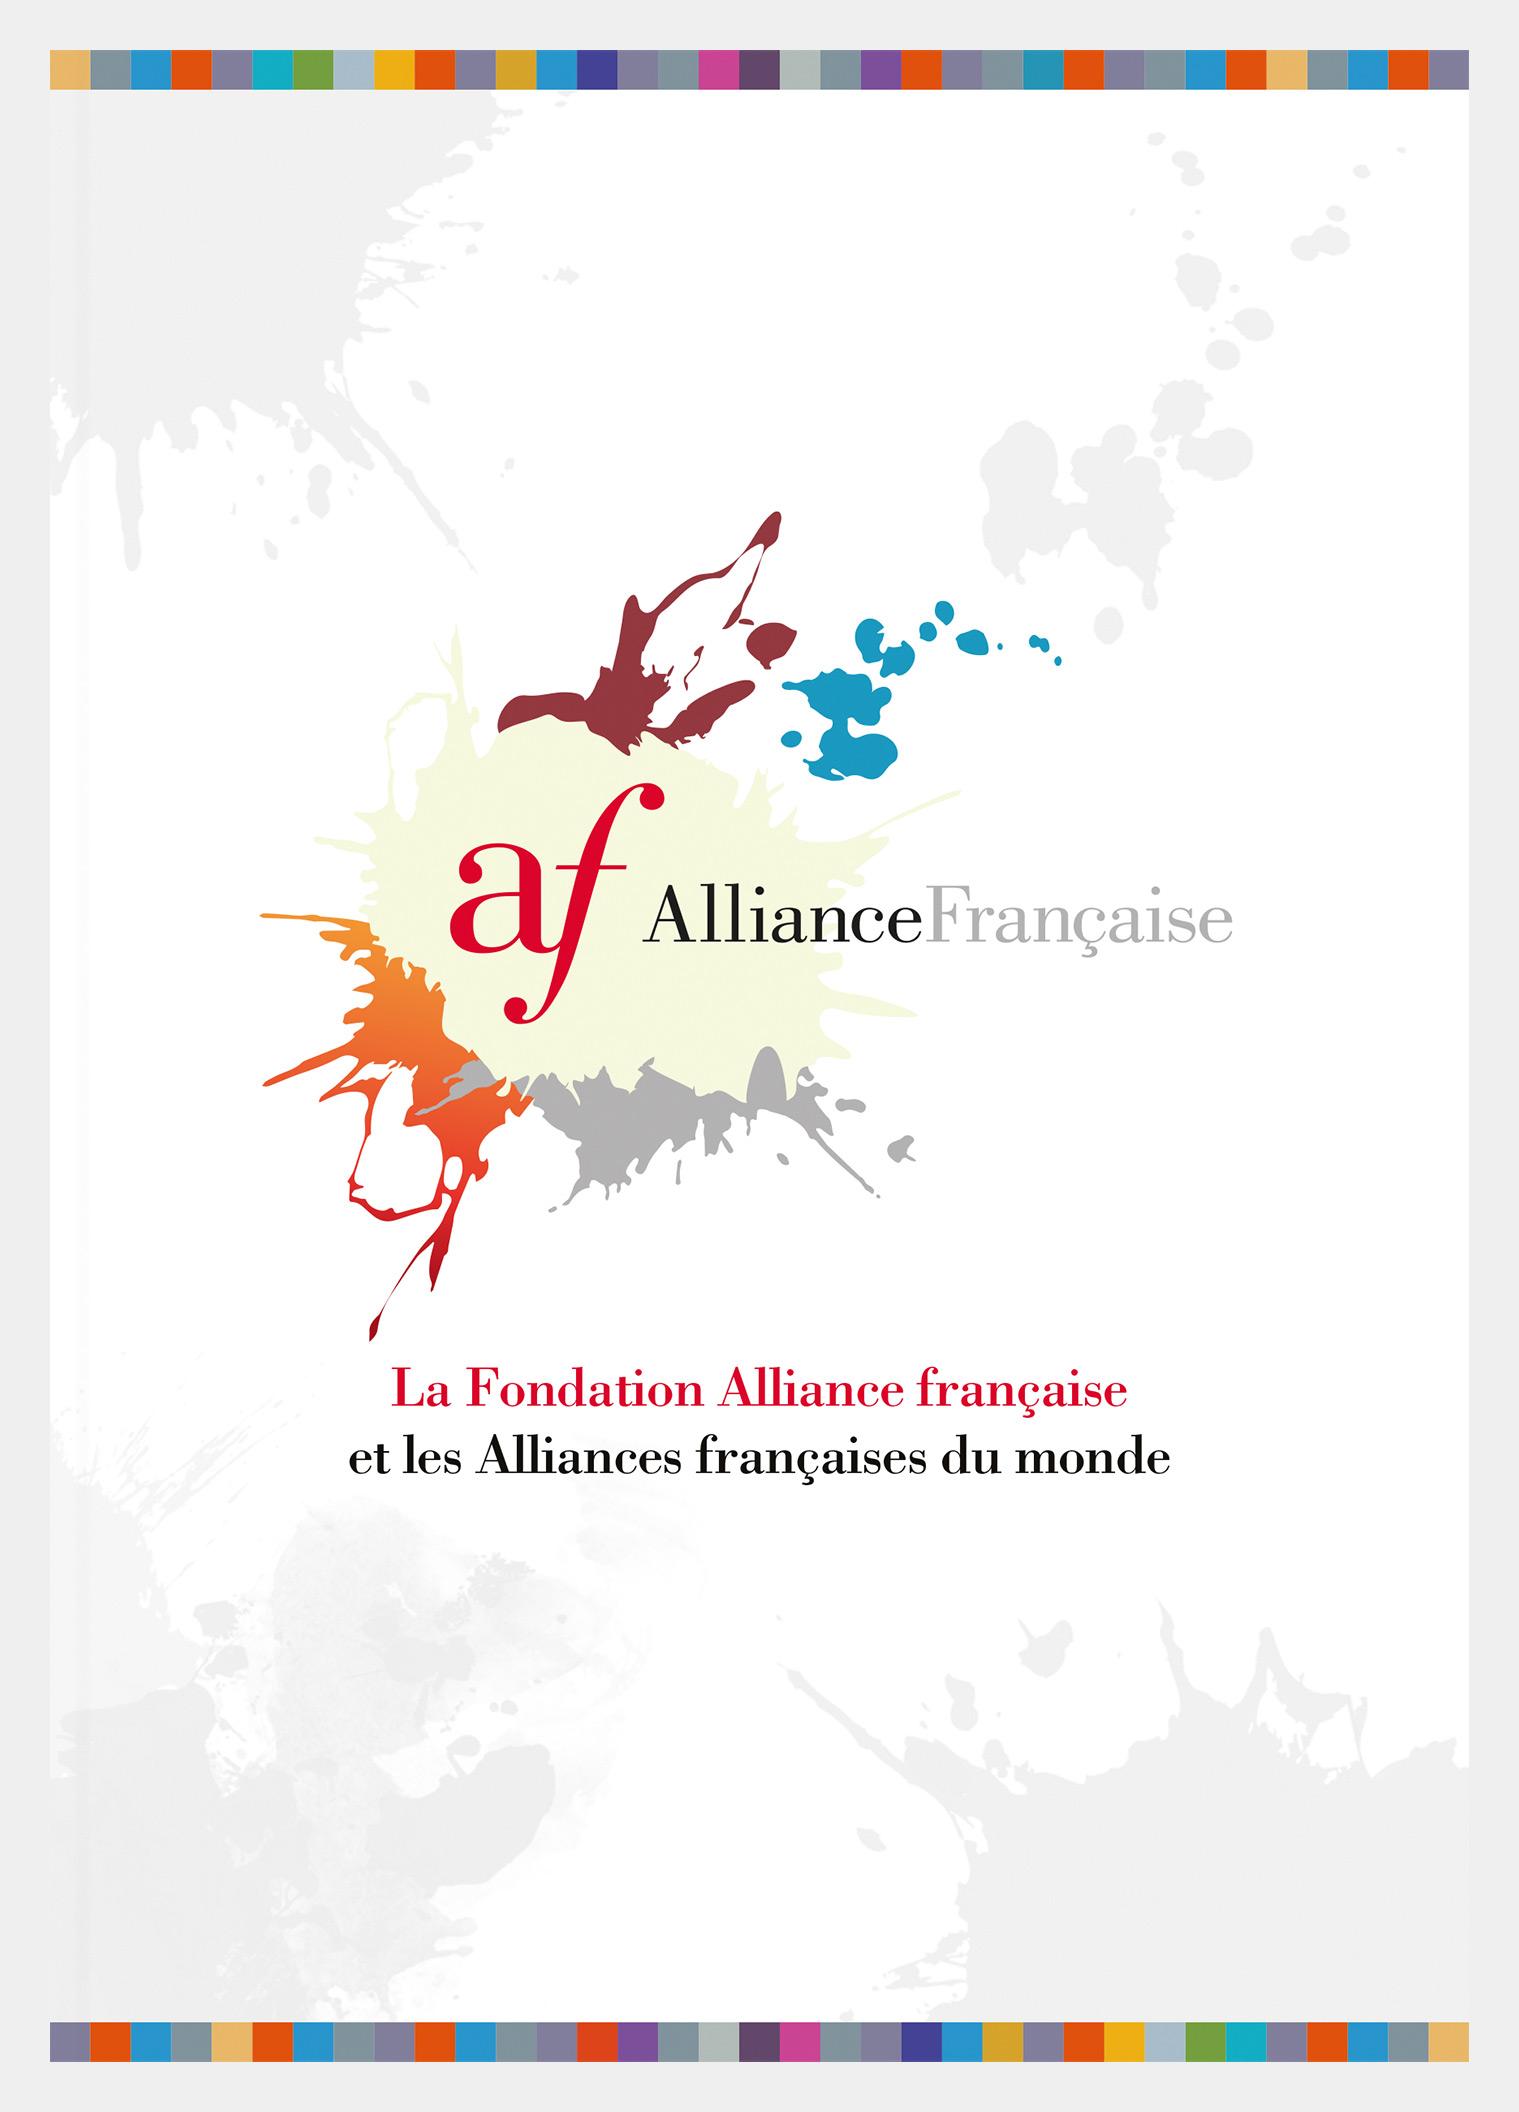 Plaquette de présentation des AF